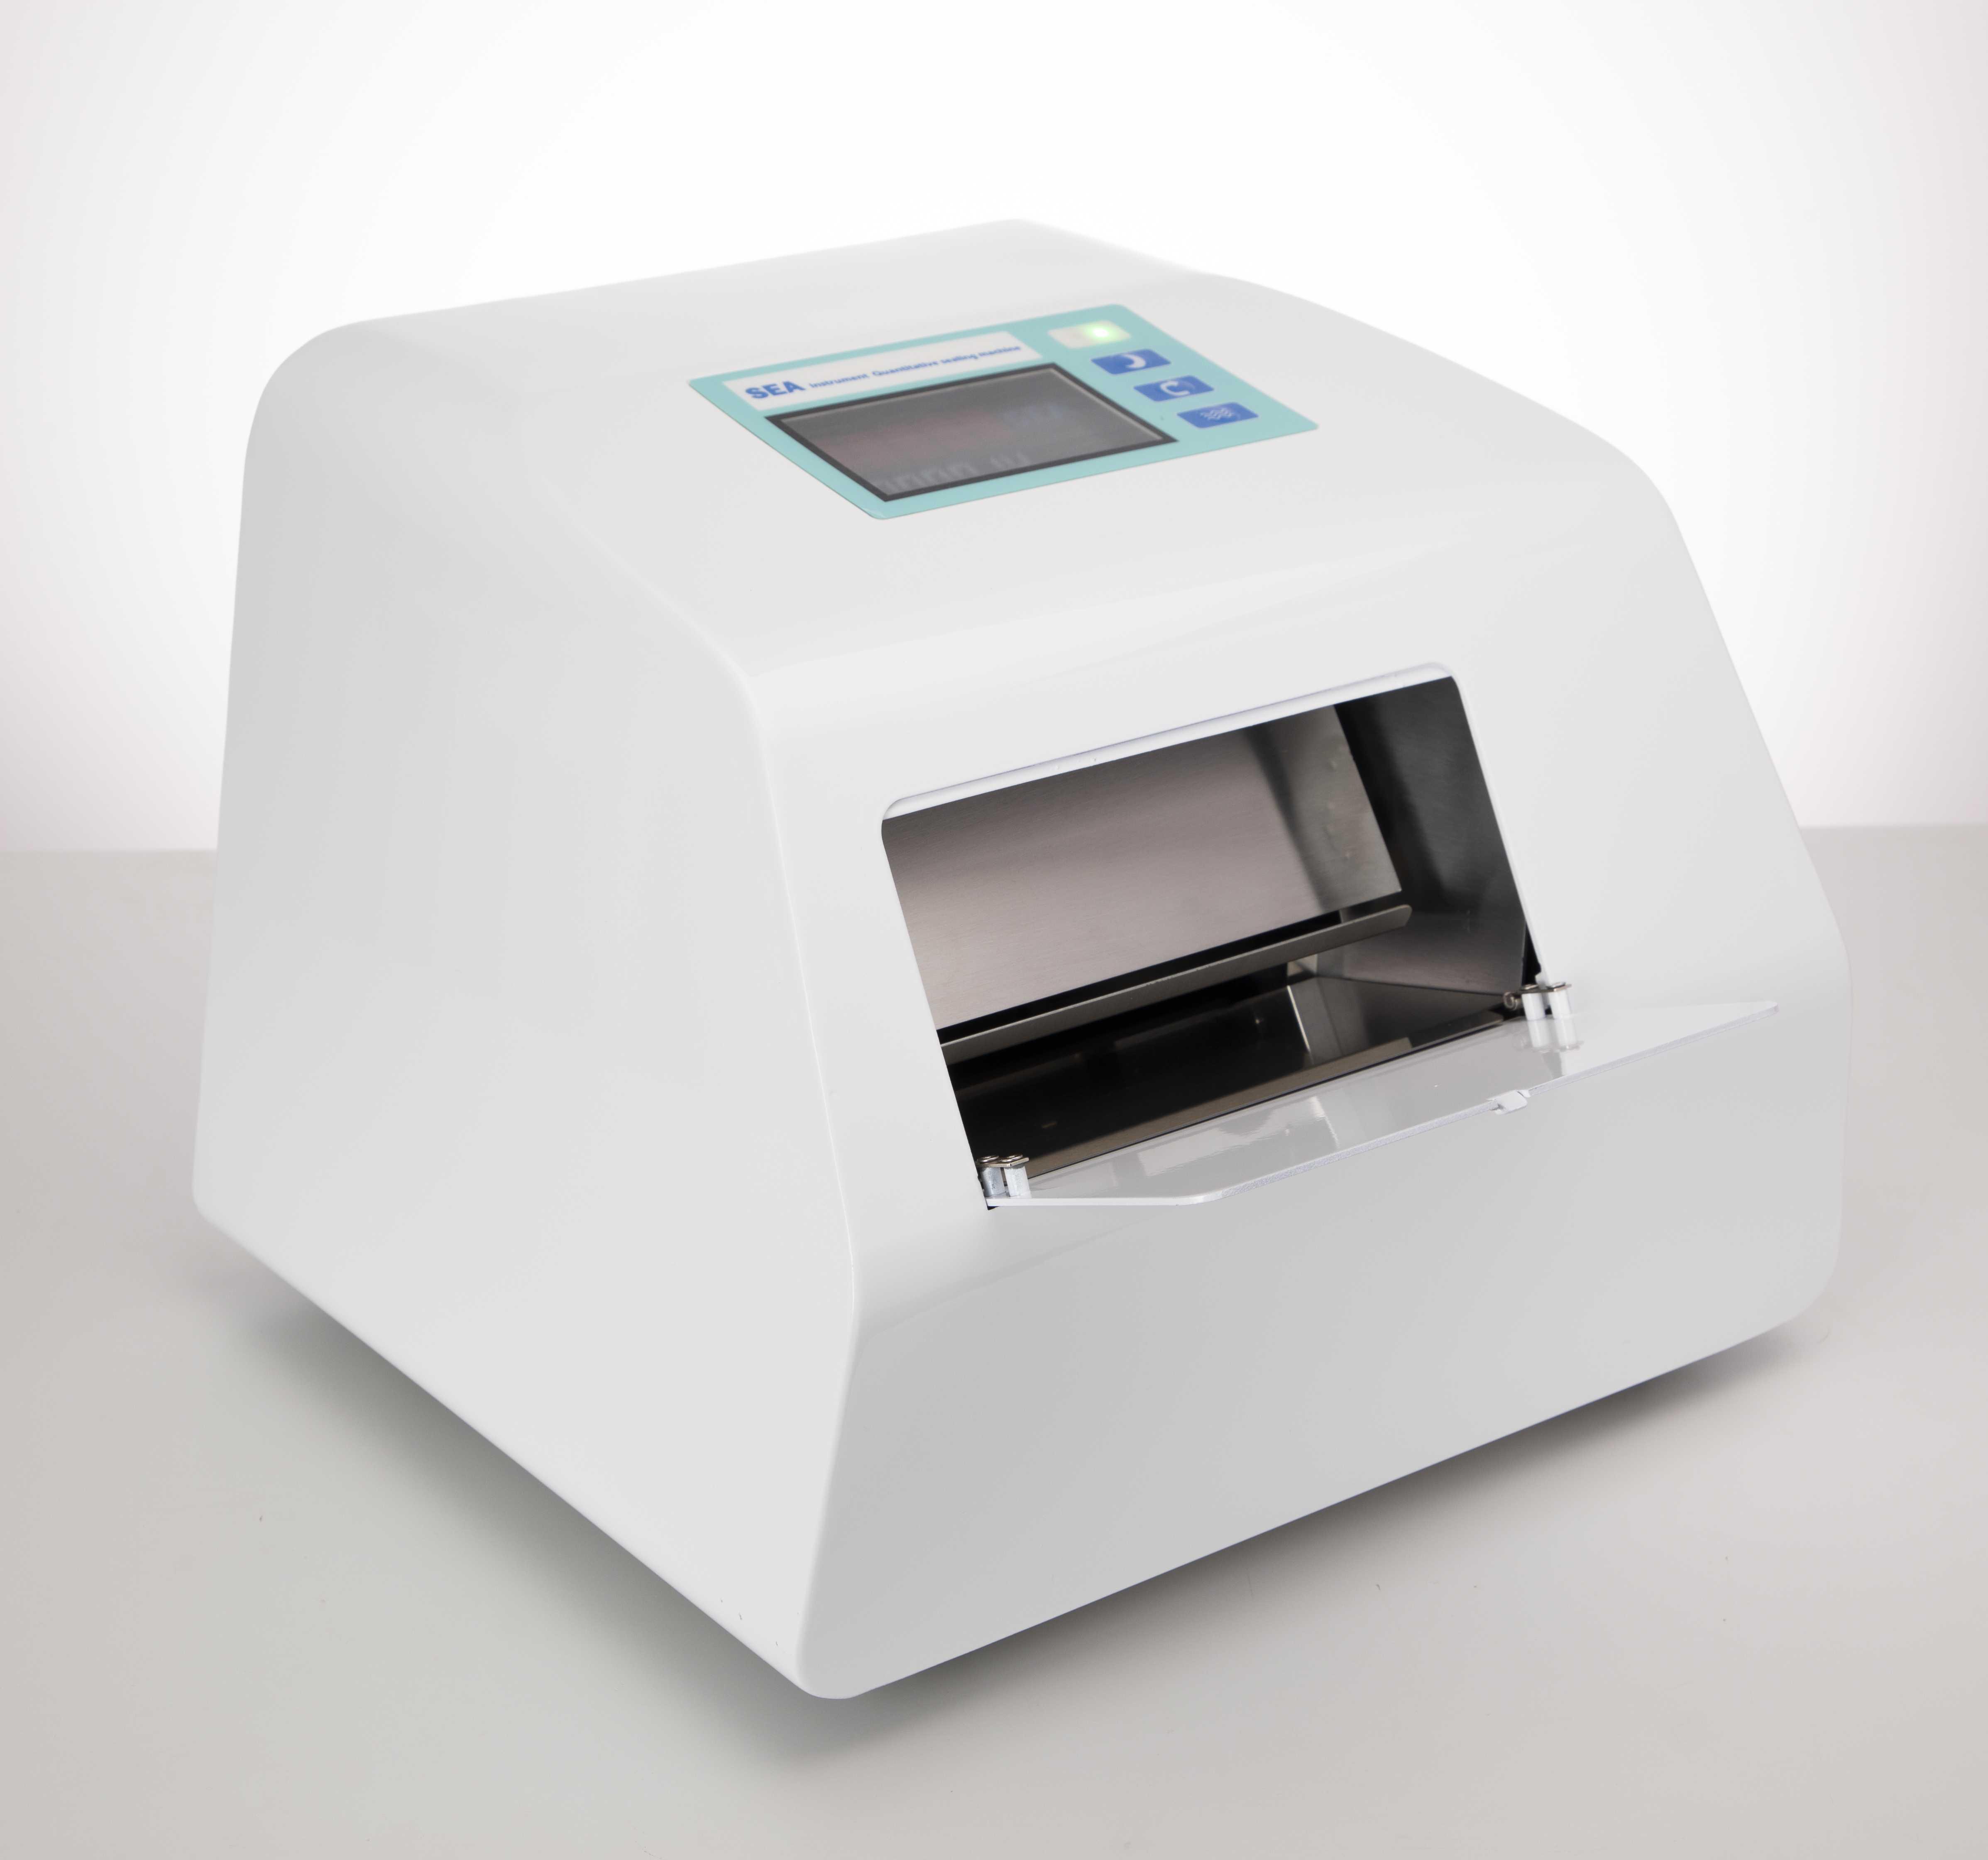 酶底物法检测系统